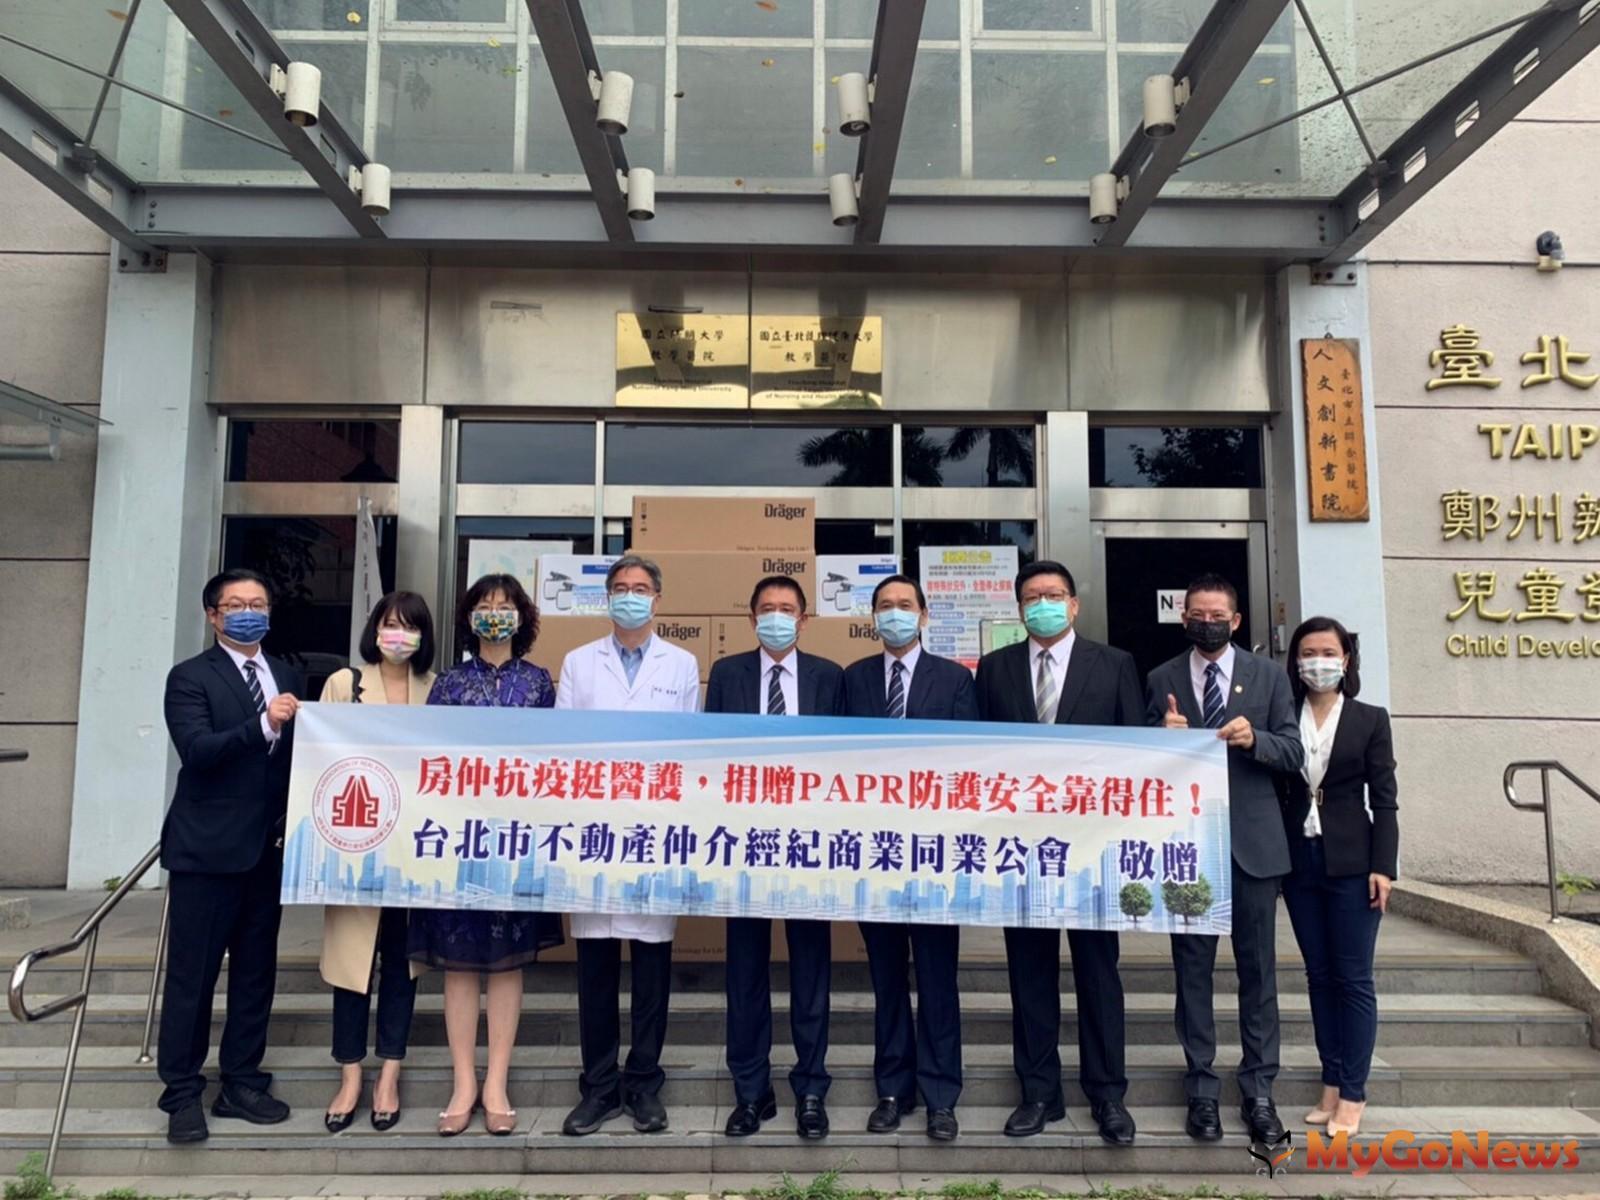 台北市不動產仲介公會挺抗疫第一線人員,捐贈45台「PAPR呼吸防護具」給4大醫院(圖/業者提供) MyGoNews房地產新聞 市場快訊